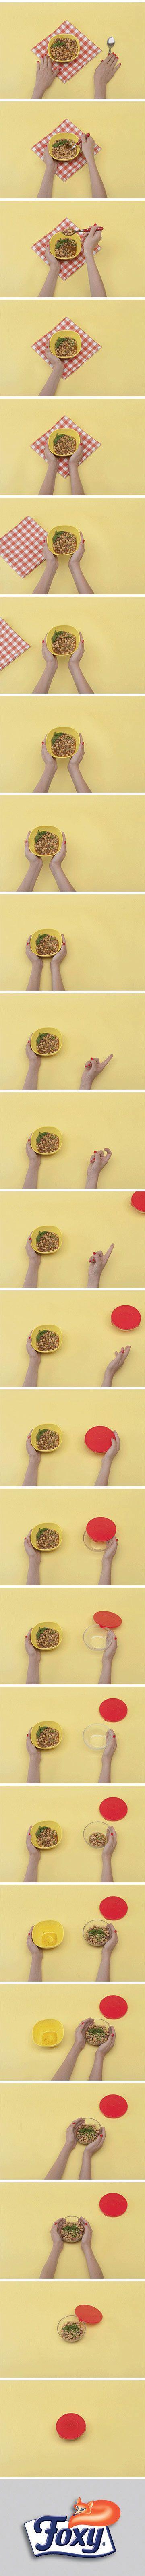 Lascia raffreddare la zuppa o la minestra nella pentola chiusa con il coperchio. Quando è fredda, versala in un contenitore di vetro ben chiuso: risparmierai spazio nel frigo.  Scopri tanti altri segreti per ottimizzare la conservazione dei cibi su: www.foxymega.it/optimize/impara-come-ottimizzarlo.php?id=Minestra